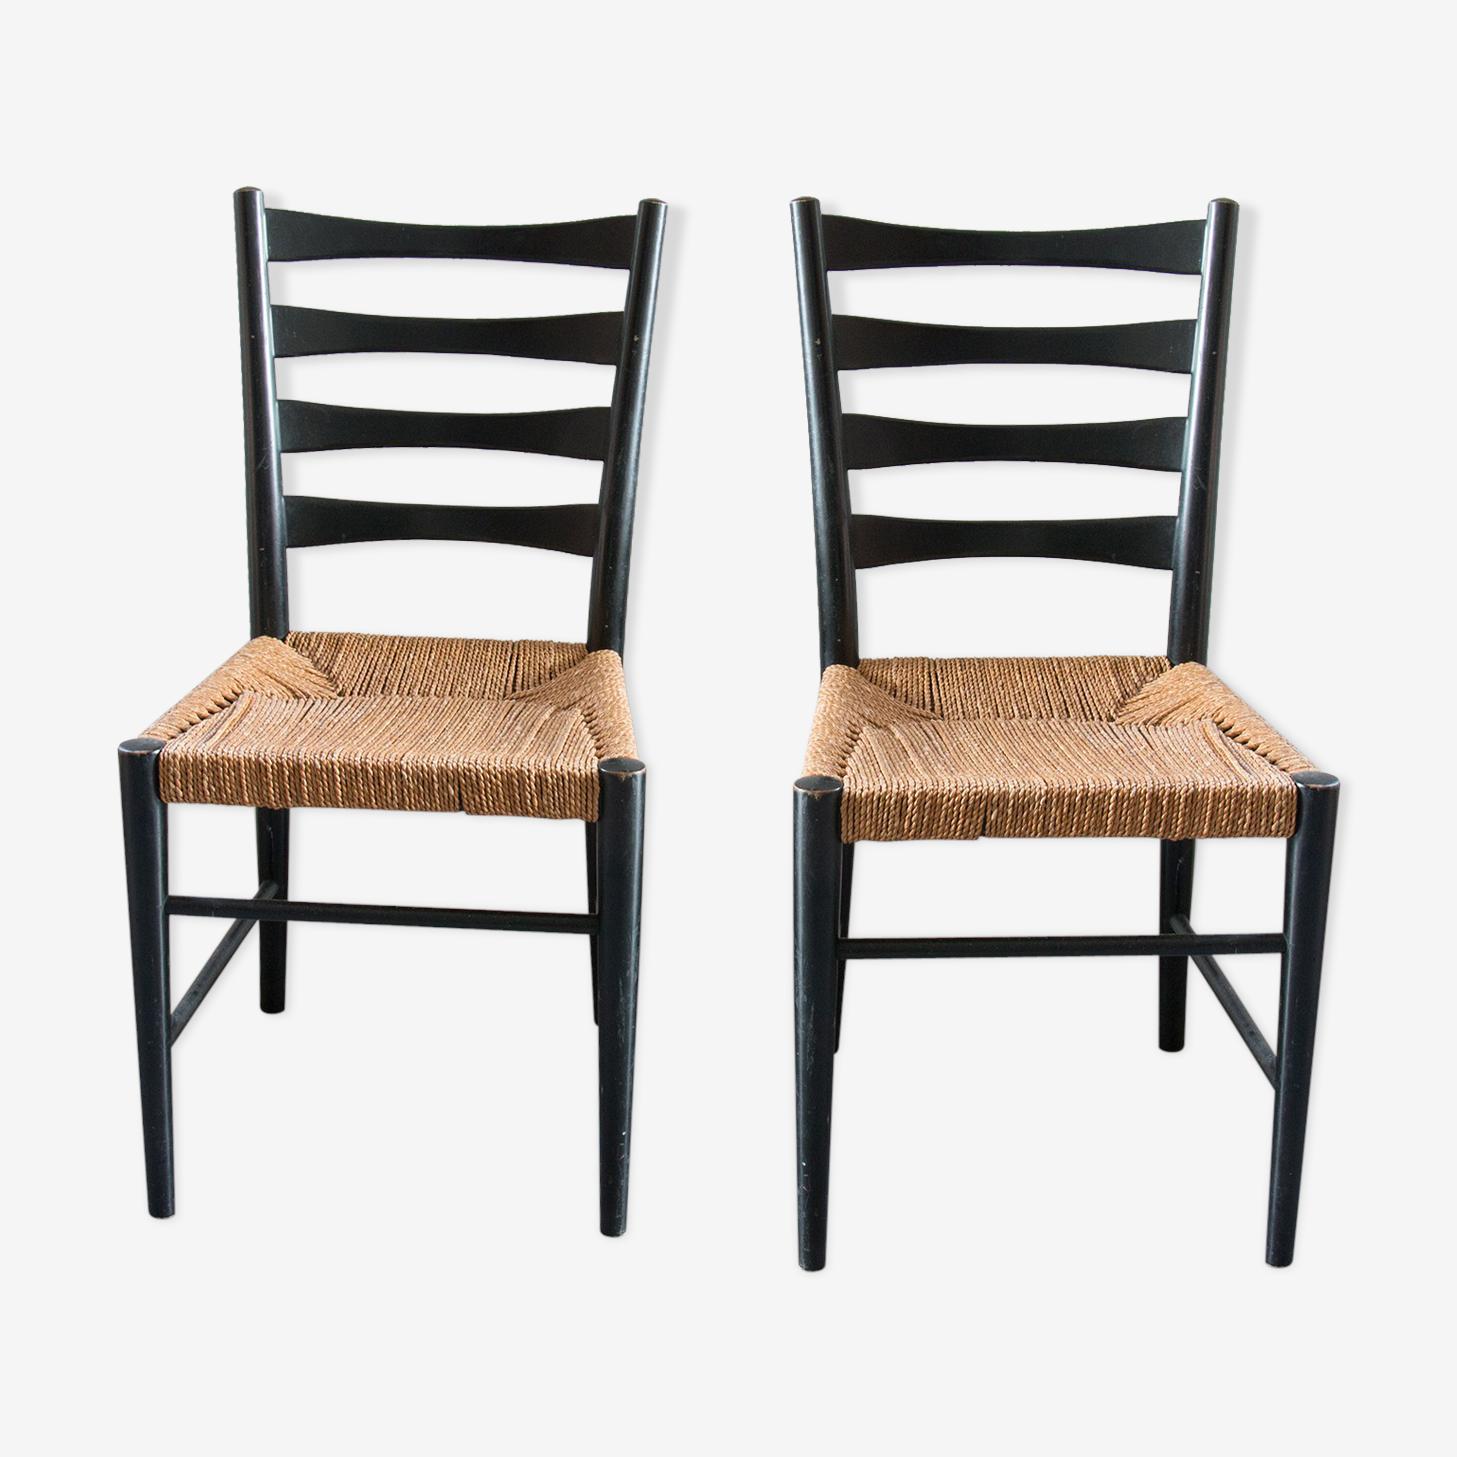 Chaises en bois noir et cordes, années 60